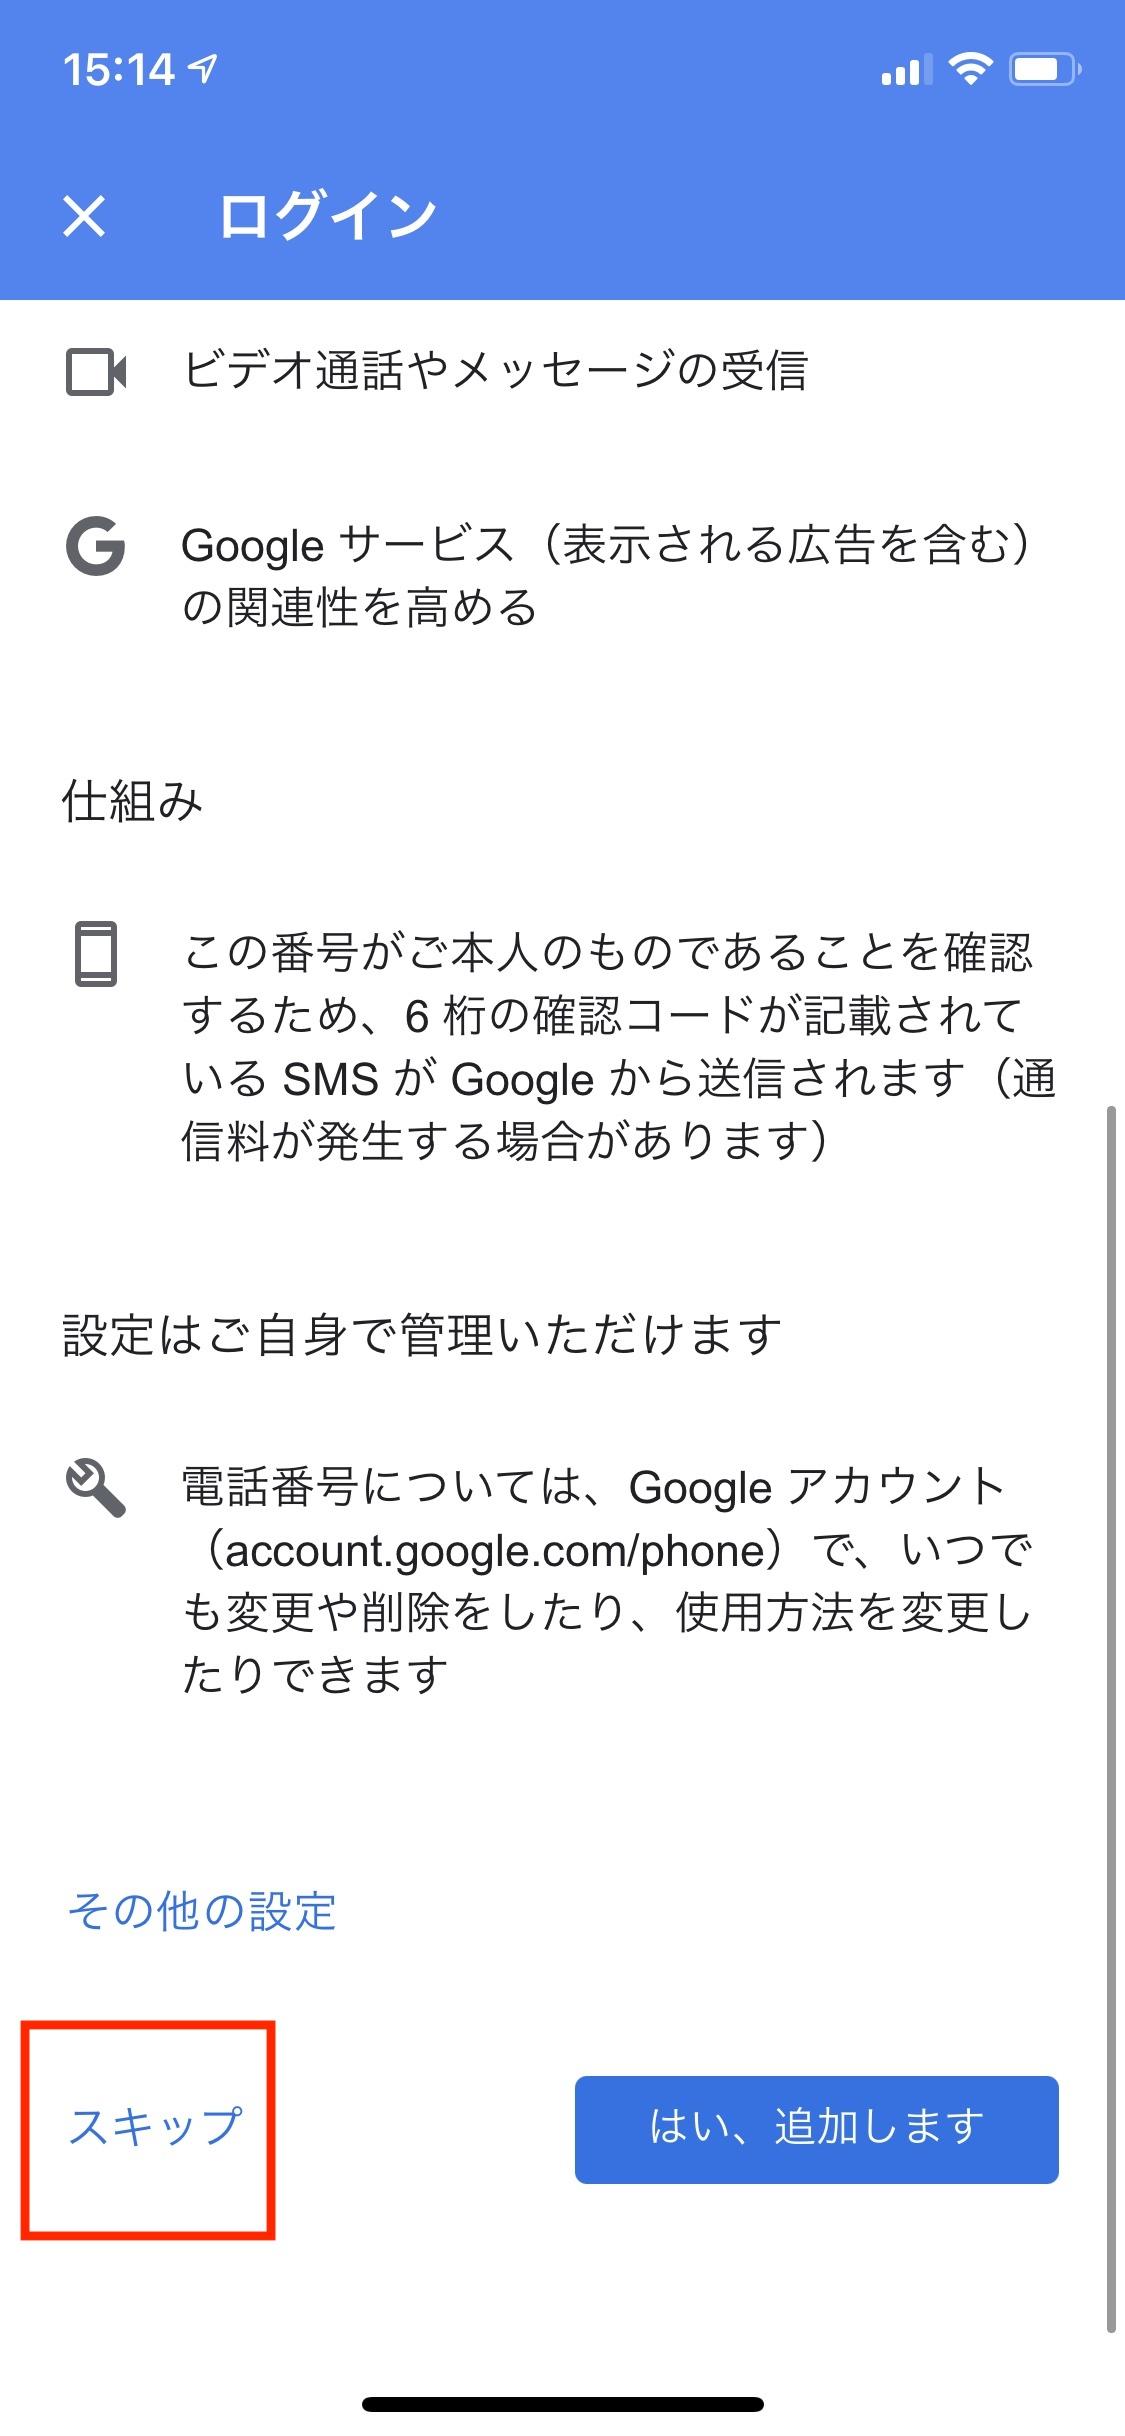 Google Chromeの電話番号追加のスキップする画面